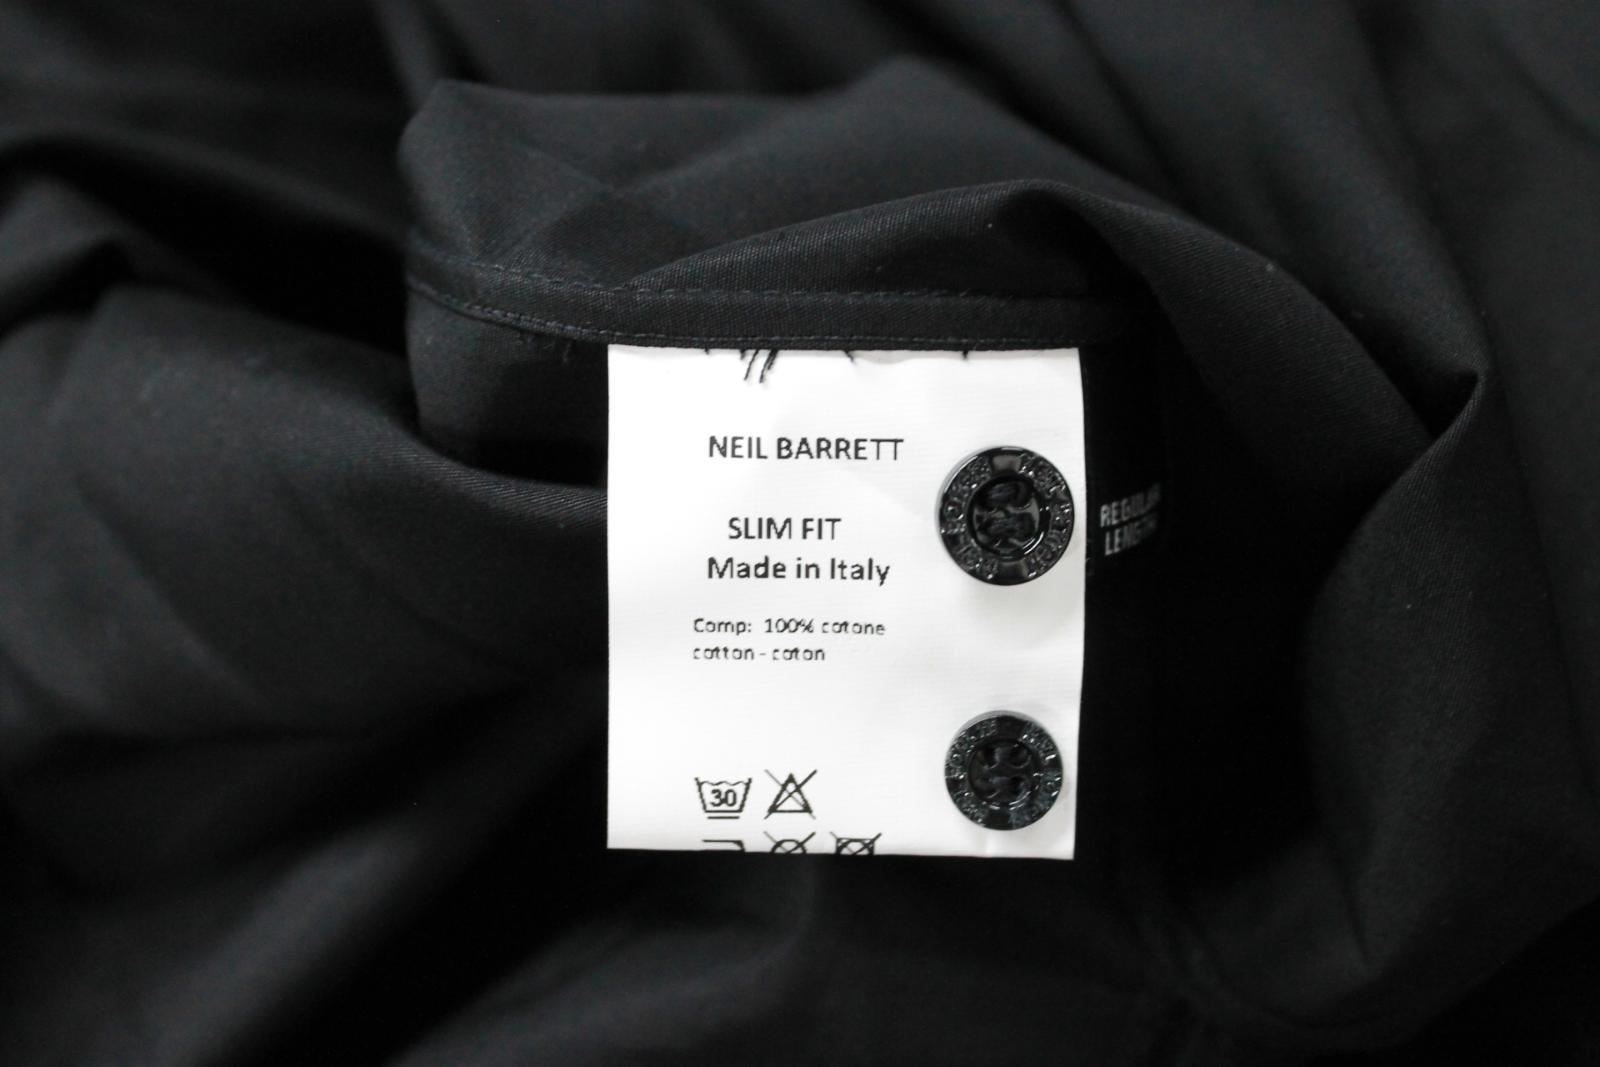 Neil-Barrett-Hombre-Negro-Algodon-Estampado-de-Estrellas-Calce-Ajustado-Camisa-Con-Cuello-16-5-034 miniatura 11